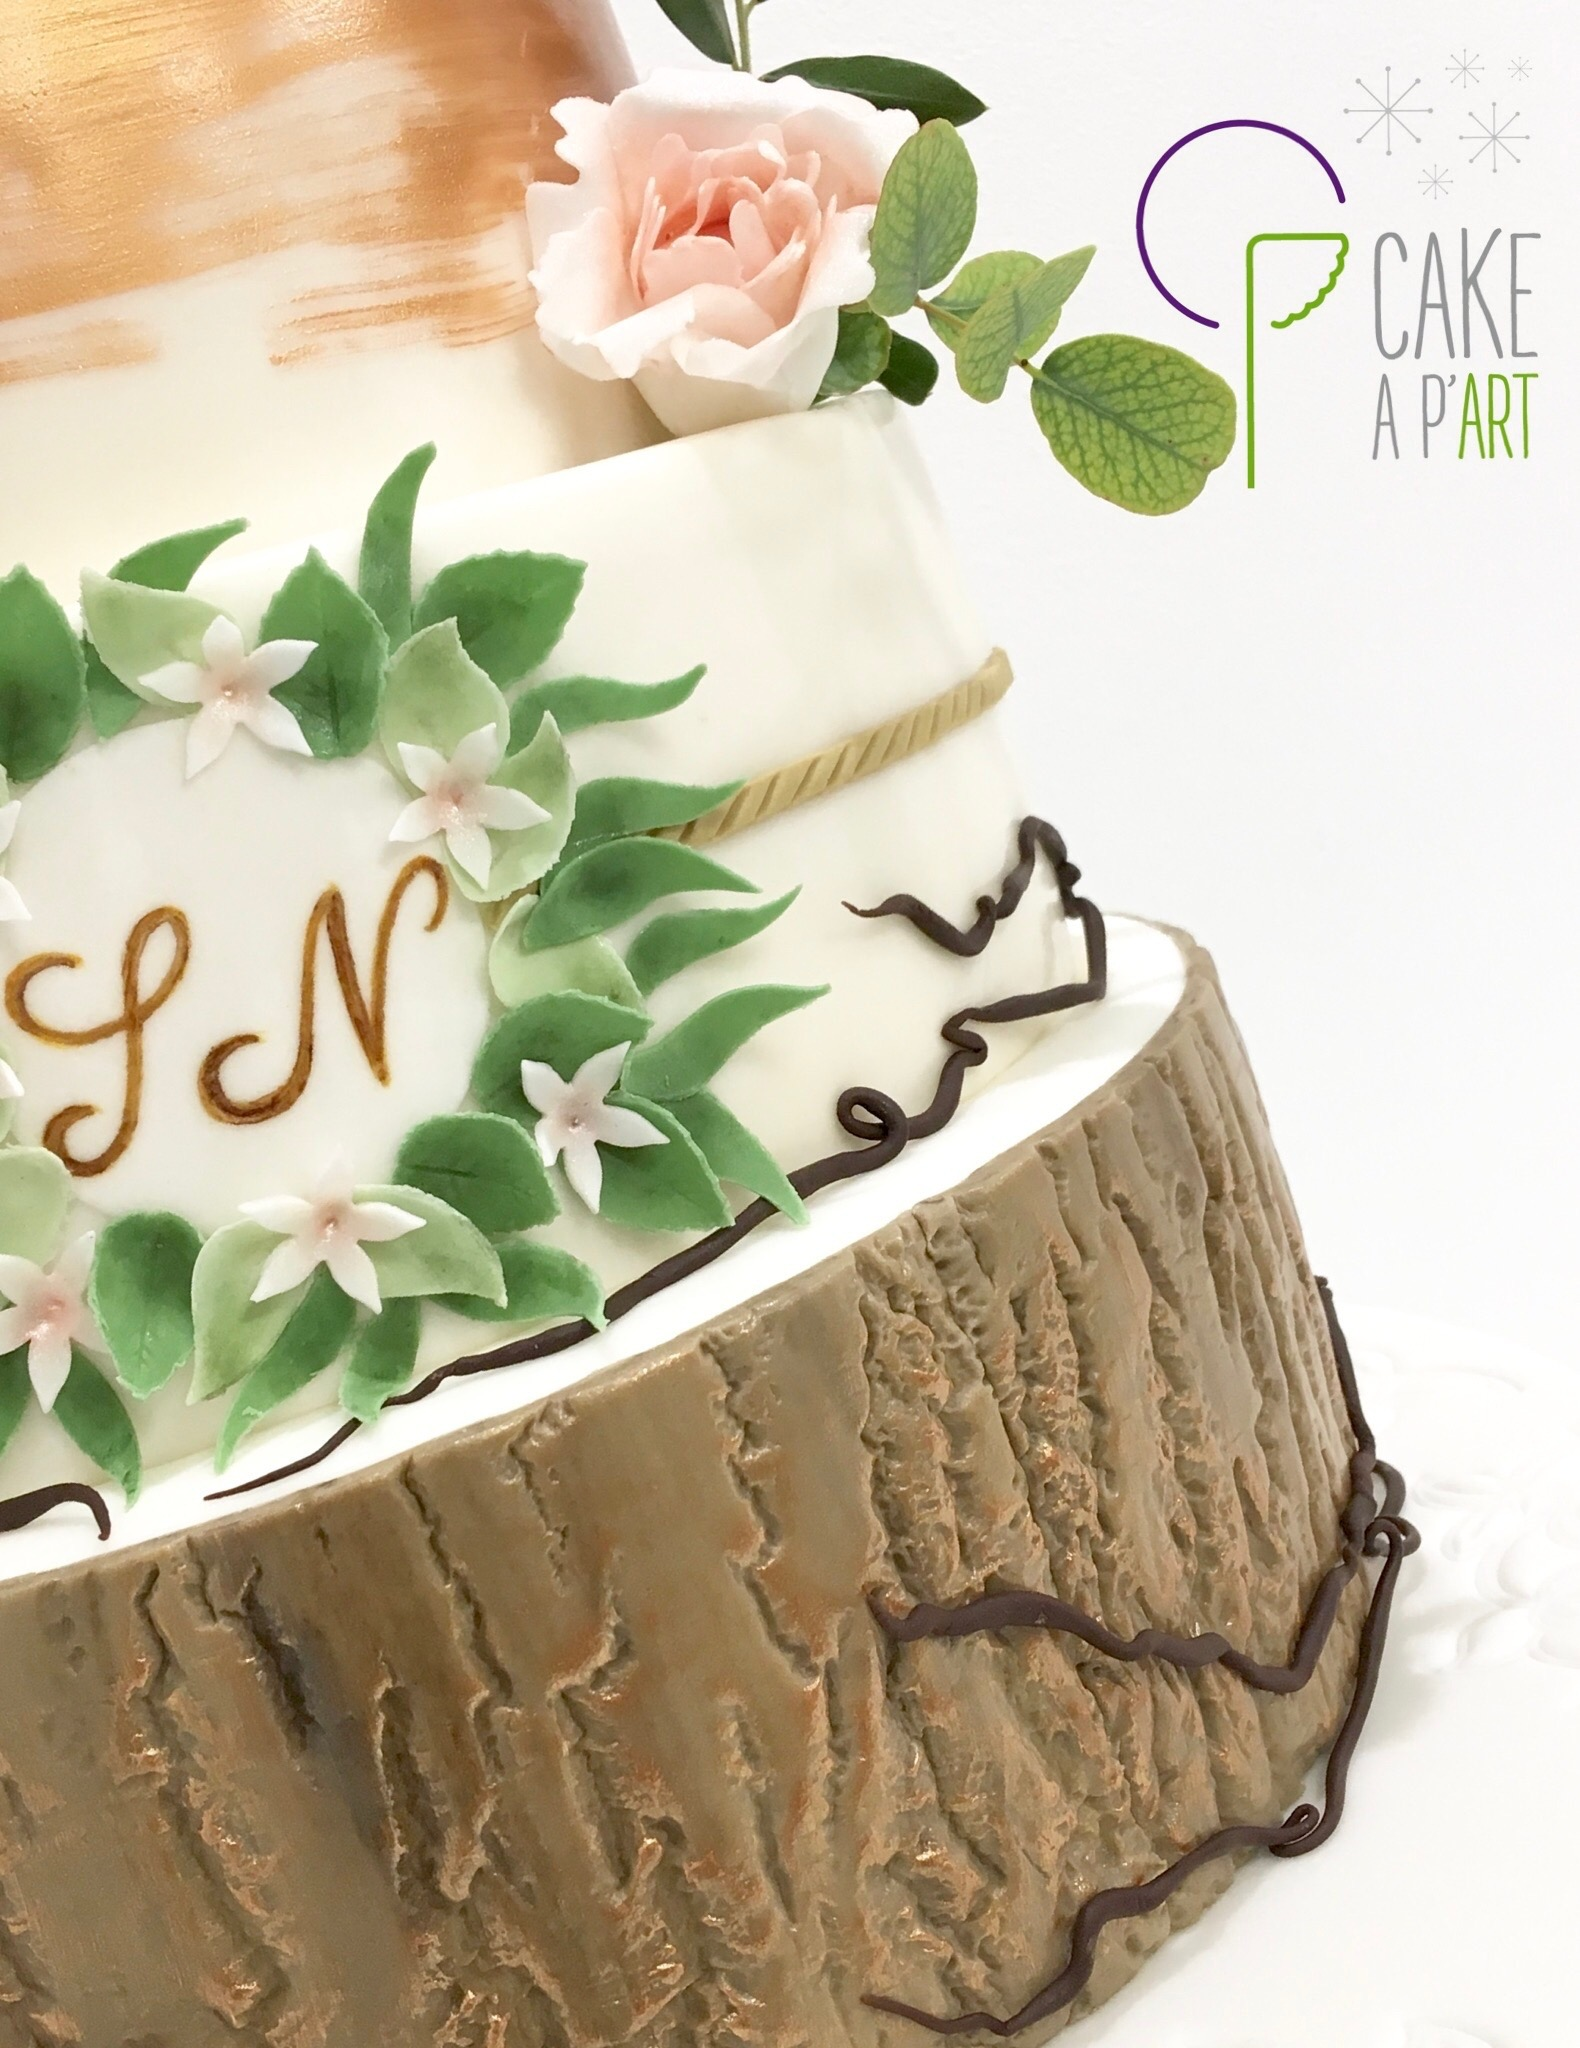 Décor en sucre gâteaux personnalisés - Mariage fleurs et feuillage